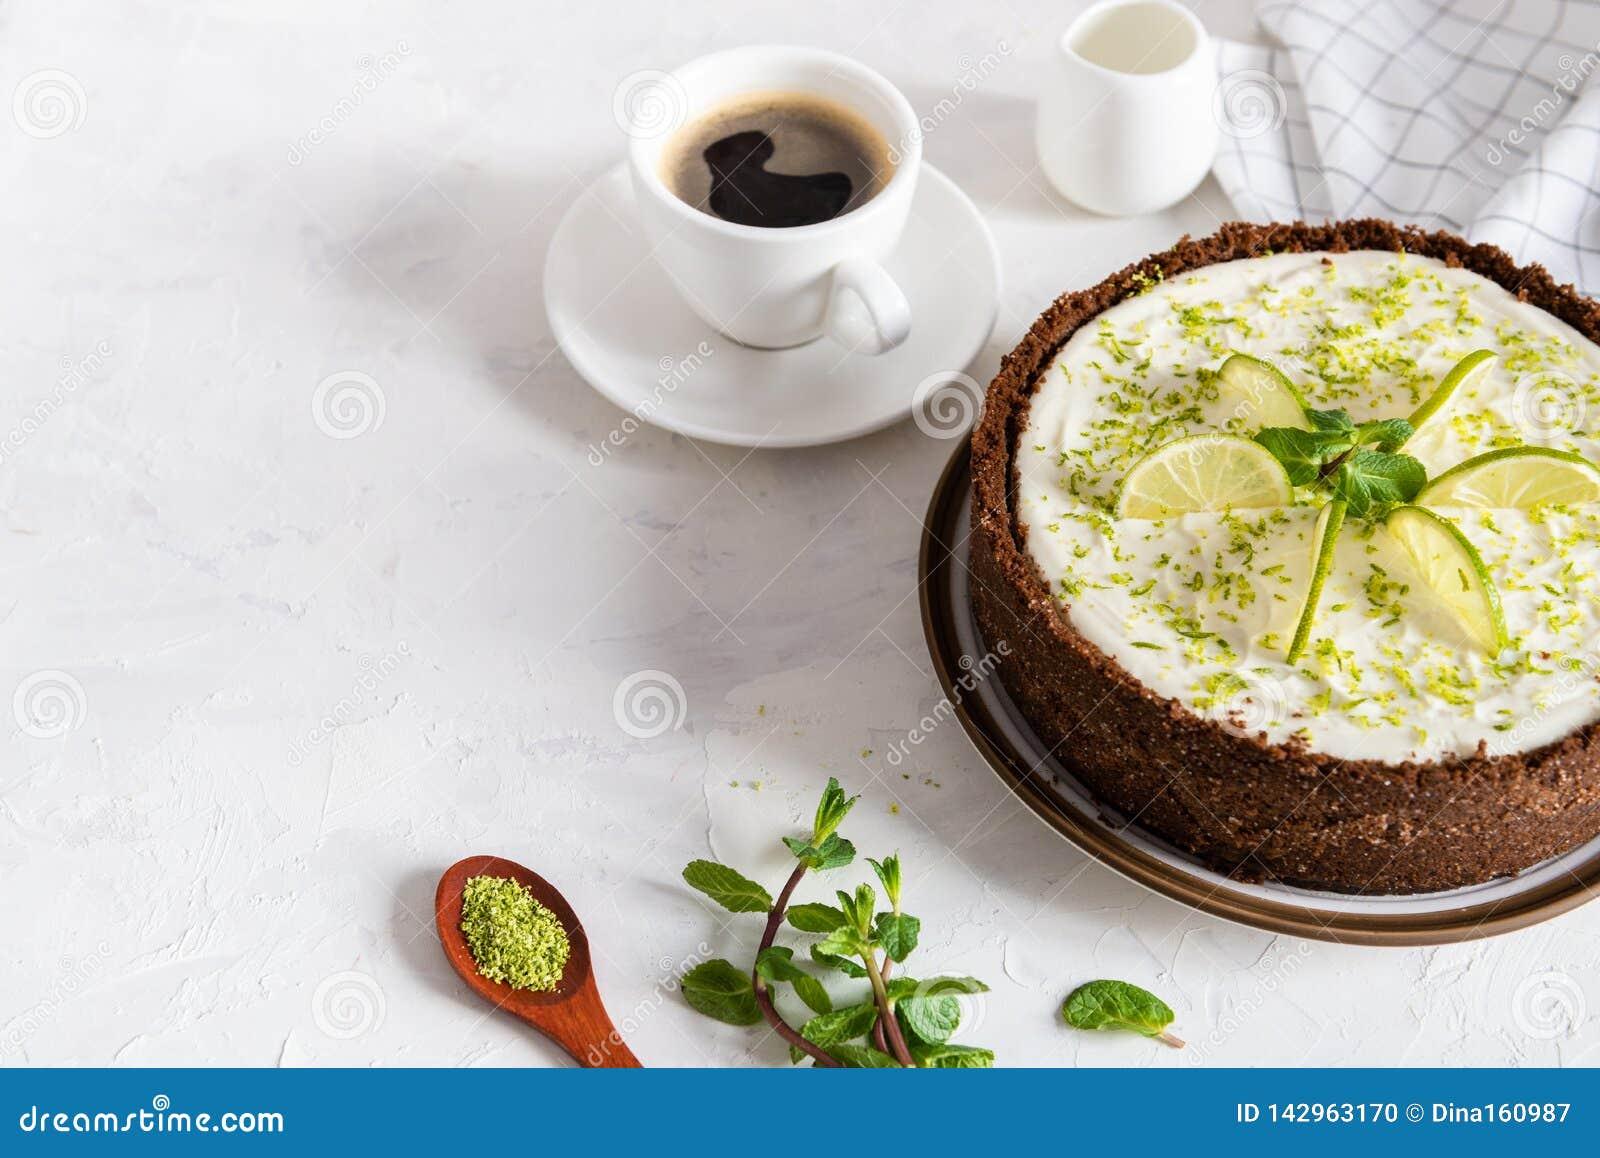 Kalkk?sekuchen mit Pfefferminz K?sekuchen mit Tasse Kaffee auf wei?em Hintergrund Weicher Fokus Kaffeehaus, S??igkeitenkonzept